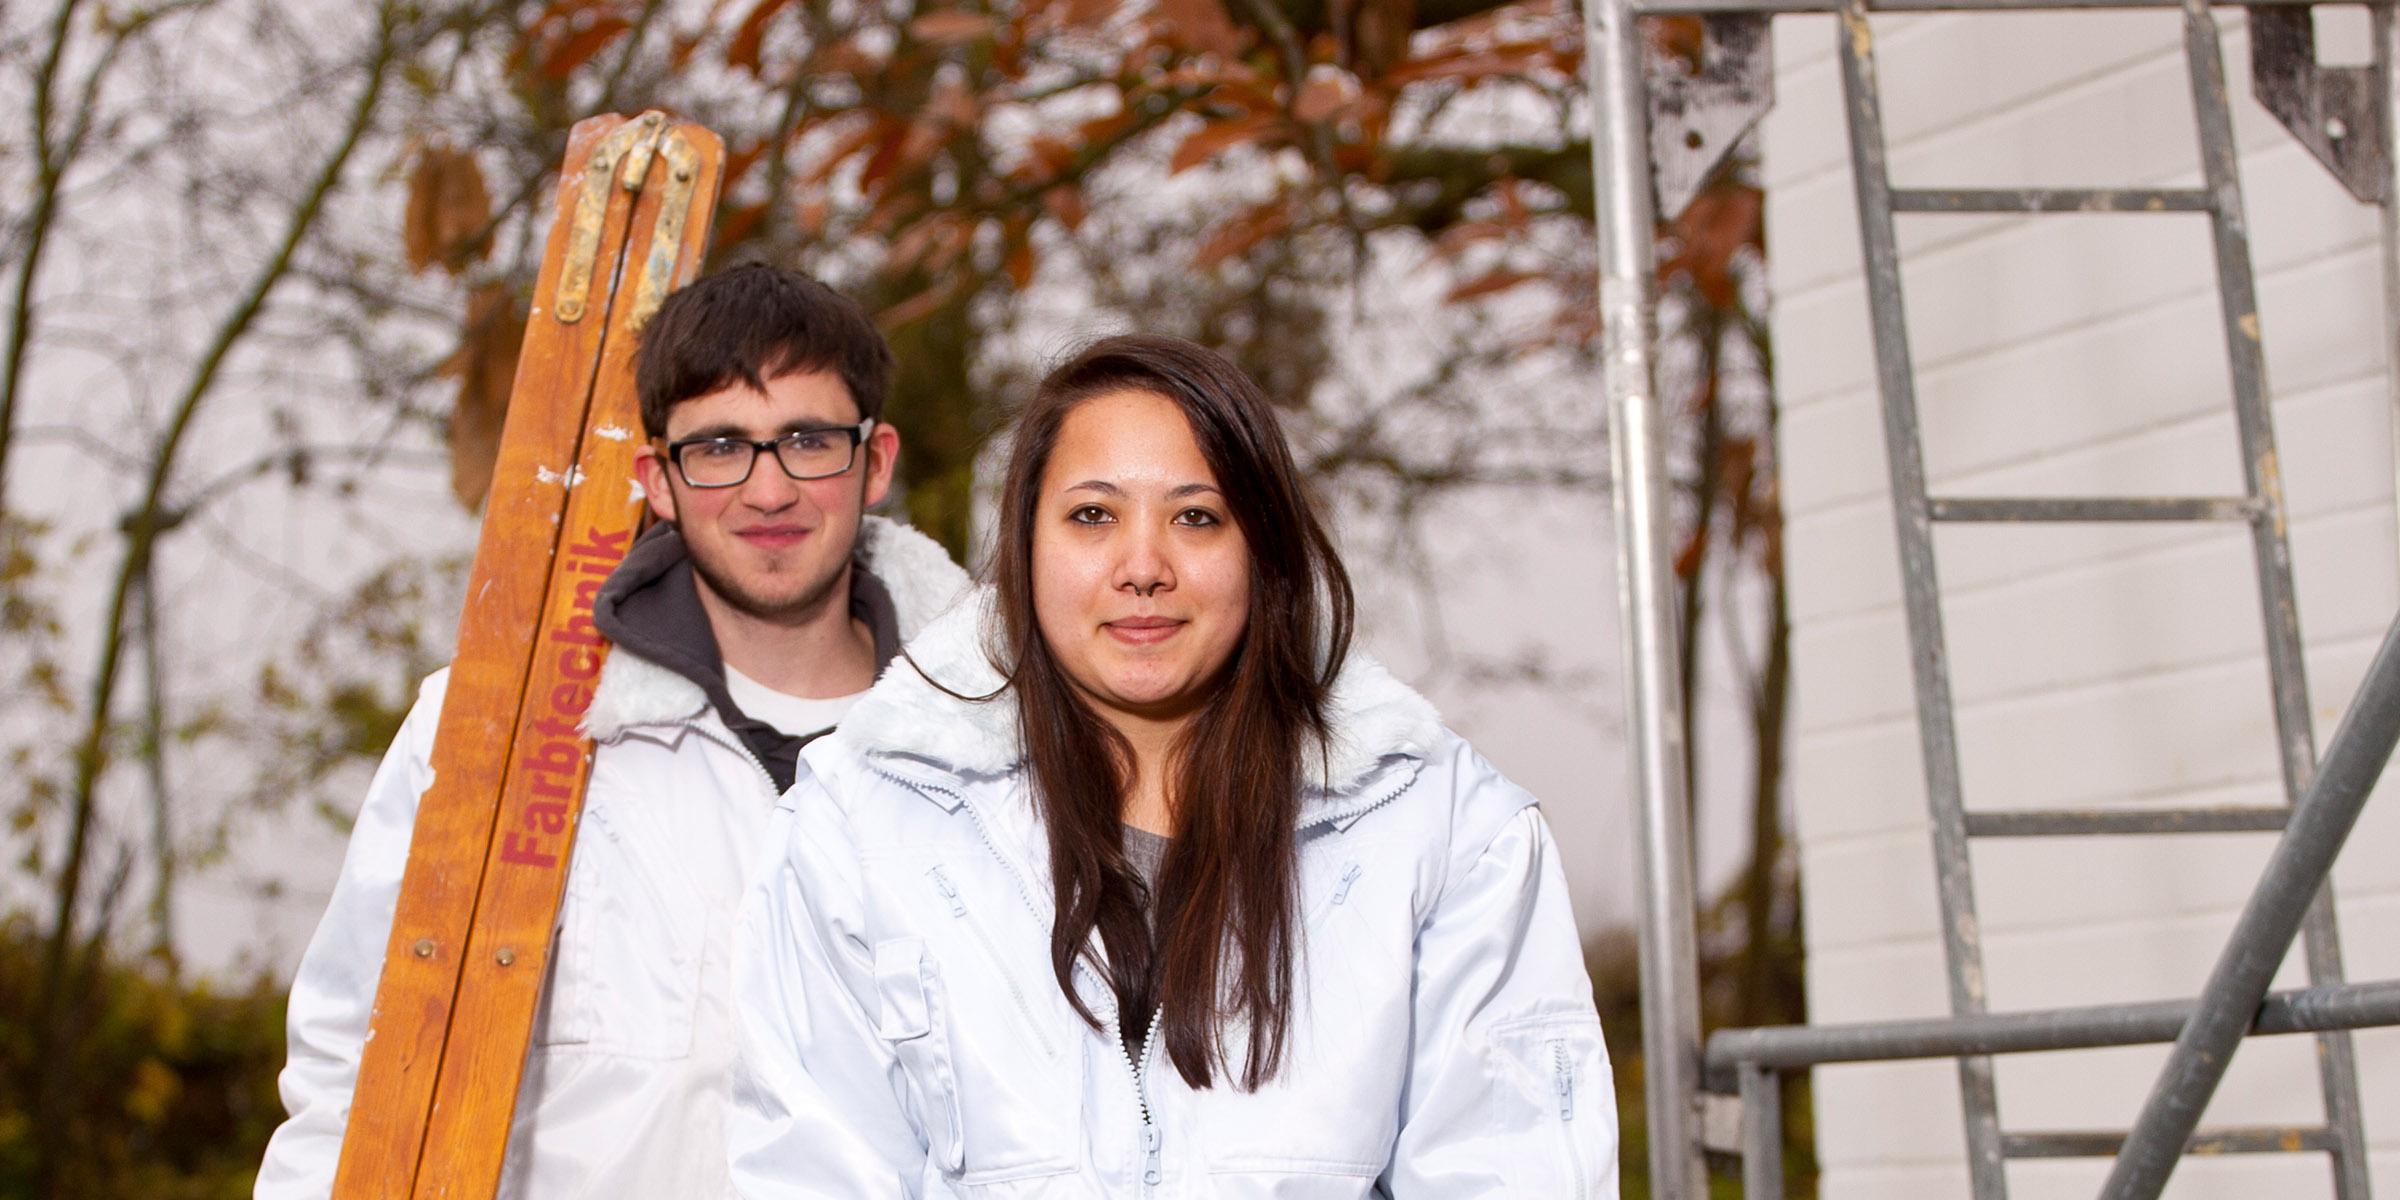 Zwei Maler-Azubis aus dem Berufsbildungswerk Südhessen, männlich und weiblich, des bbw Südhessen in Maler-Arbeitskleidung mit Leiter und Malerrolle ausgestattet